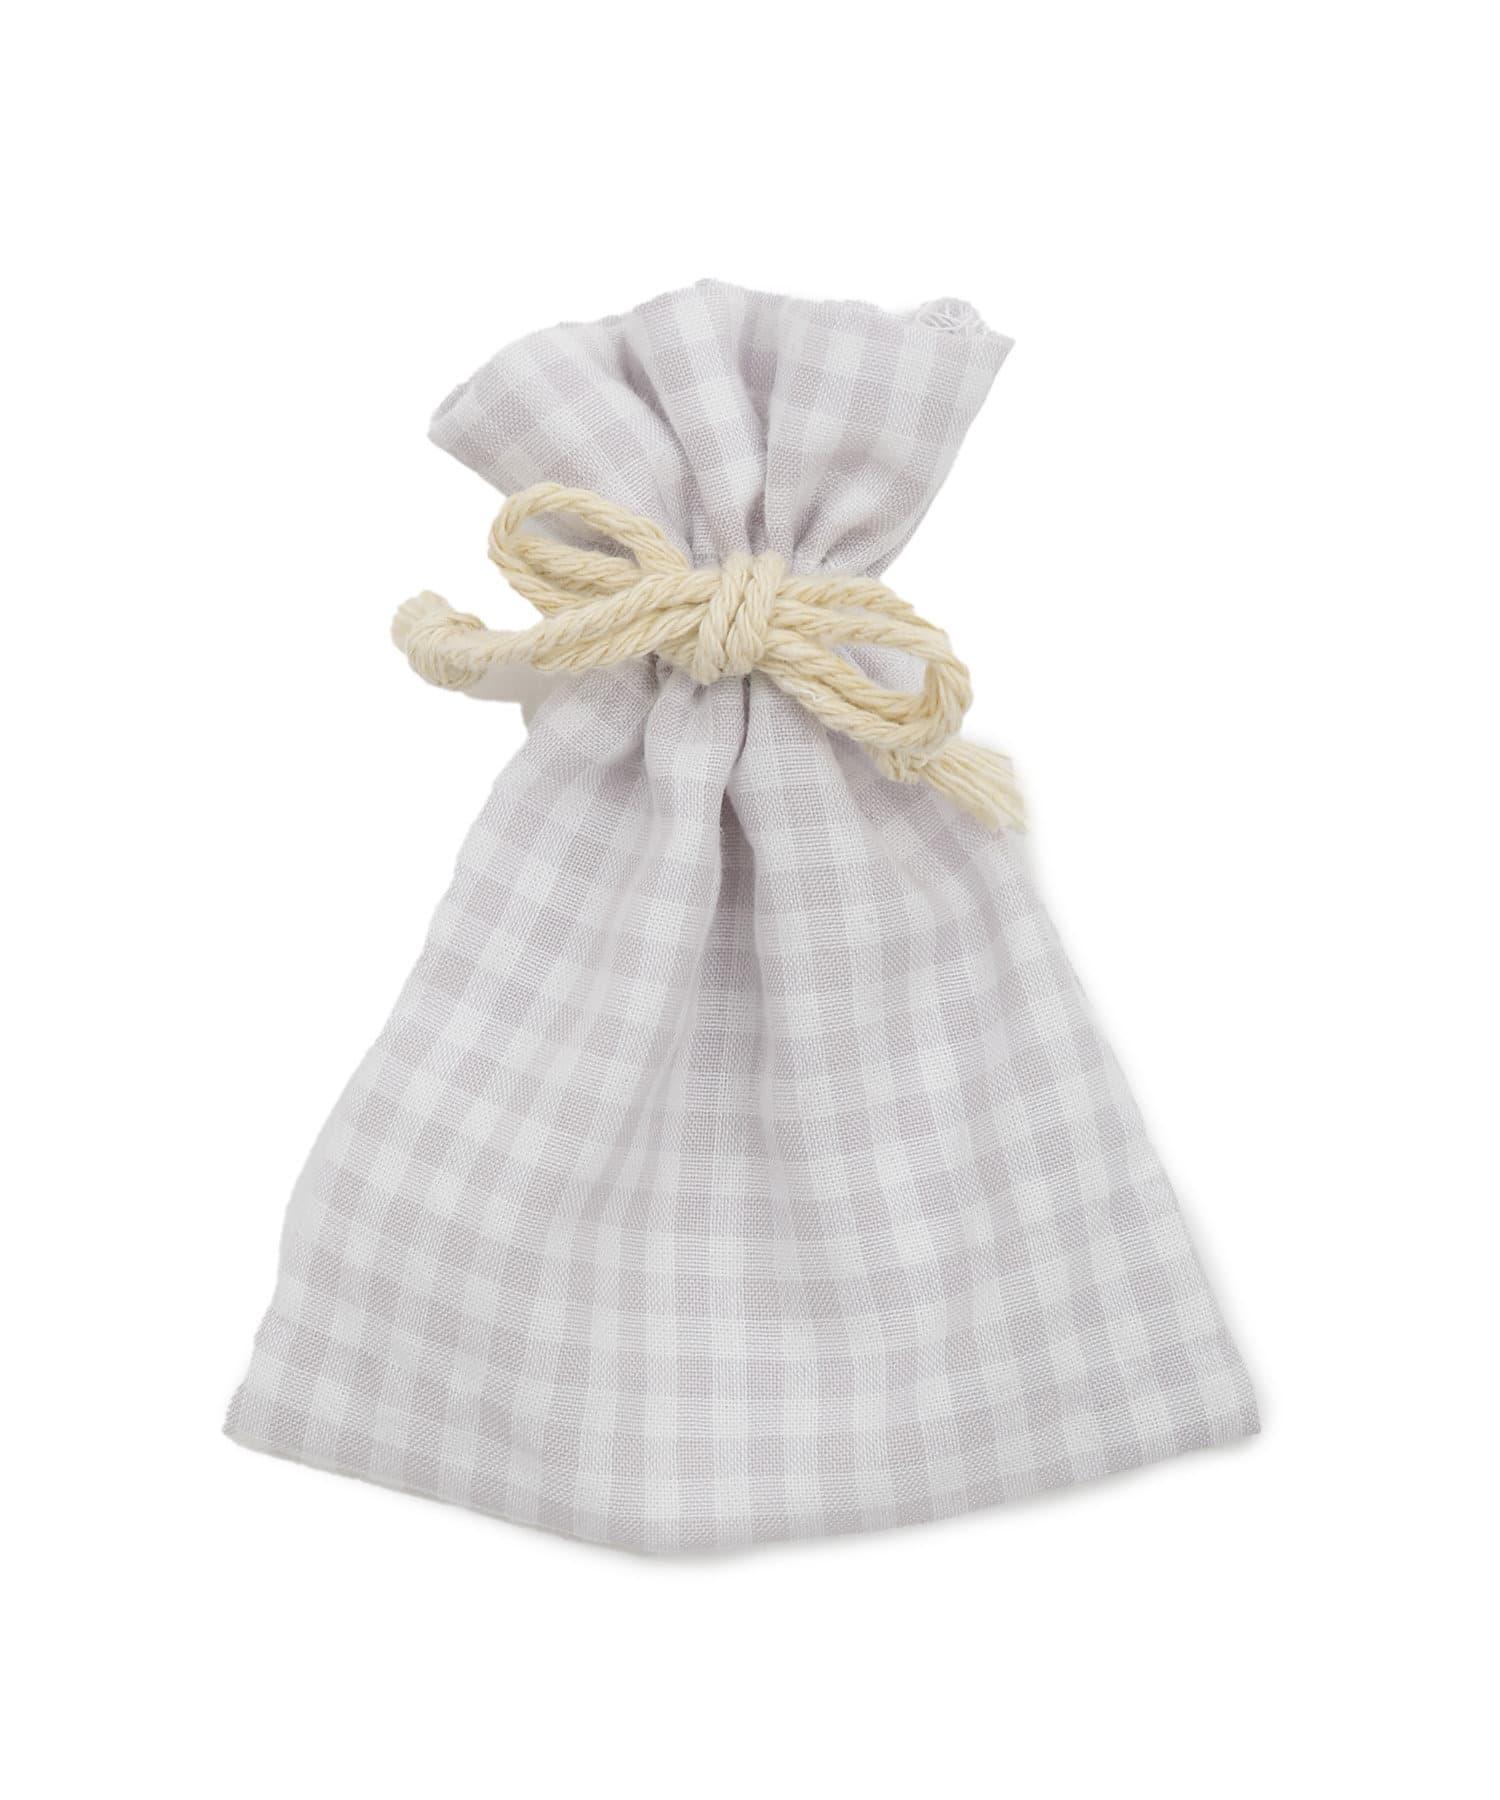 PAL CLOSET ONLINE STOREで買える「Lattice(ラティス Lattice(ラティス 【WEB限定】ギンガムチェック巾着ポーチS パープル」の画像です。価格は110円になります。